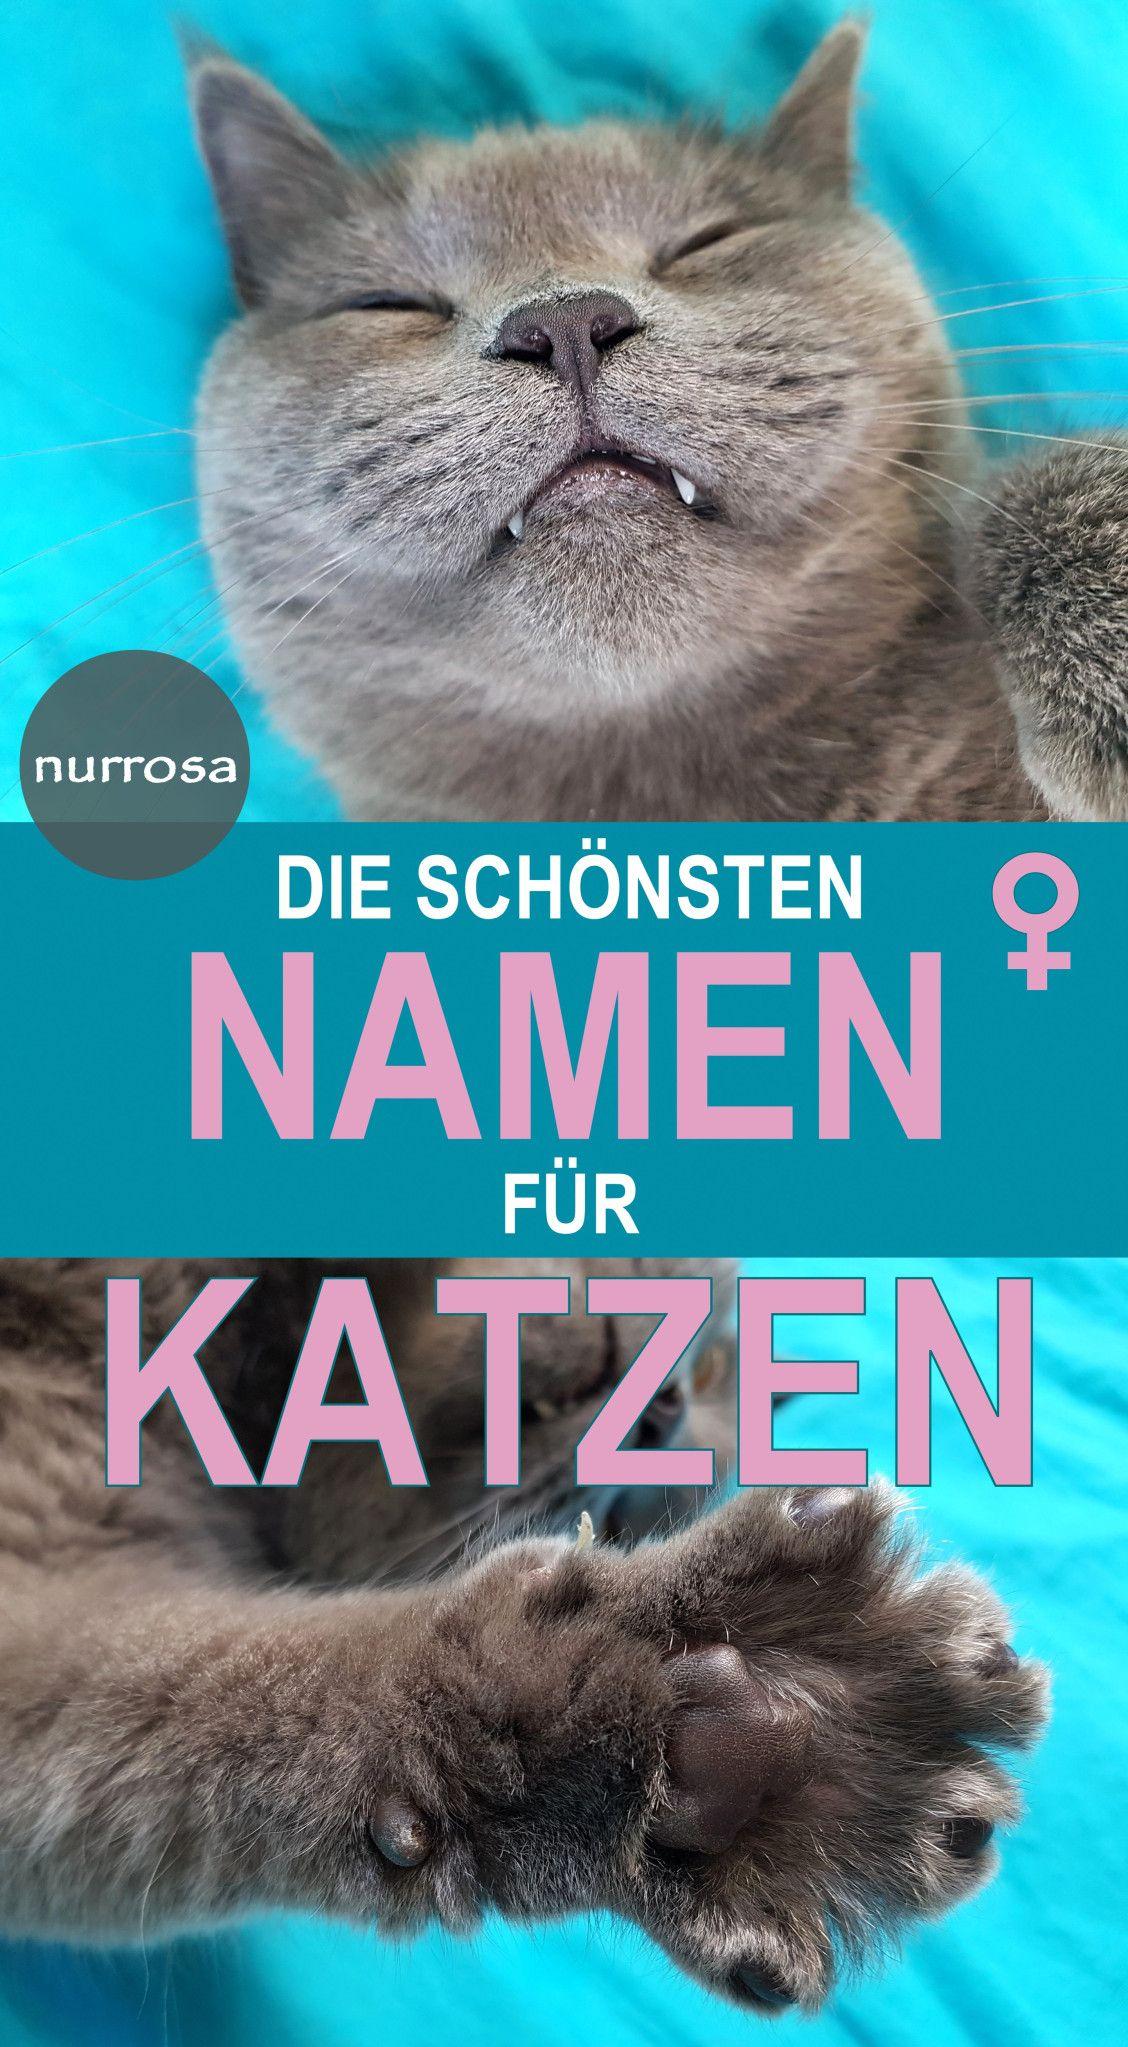 Die schönsten Namen für weibliche Katzen Katzen namen